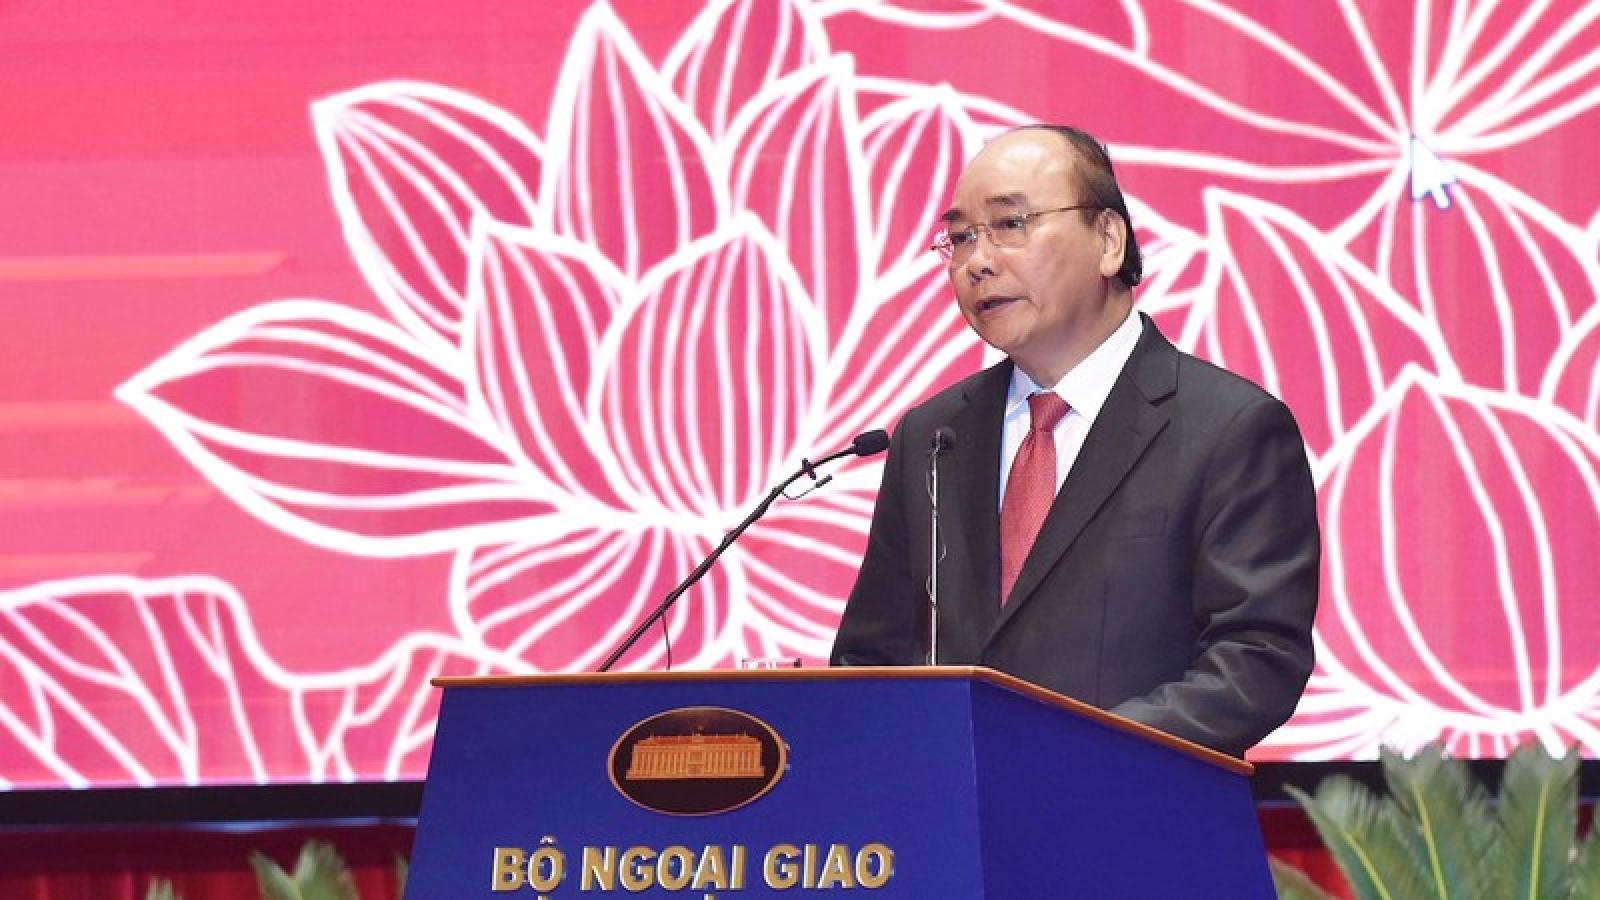 Thủ tướng giao 5 nhiệm vụ lớn cho ngành Ngoại giao